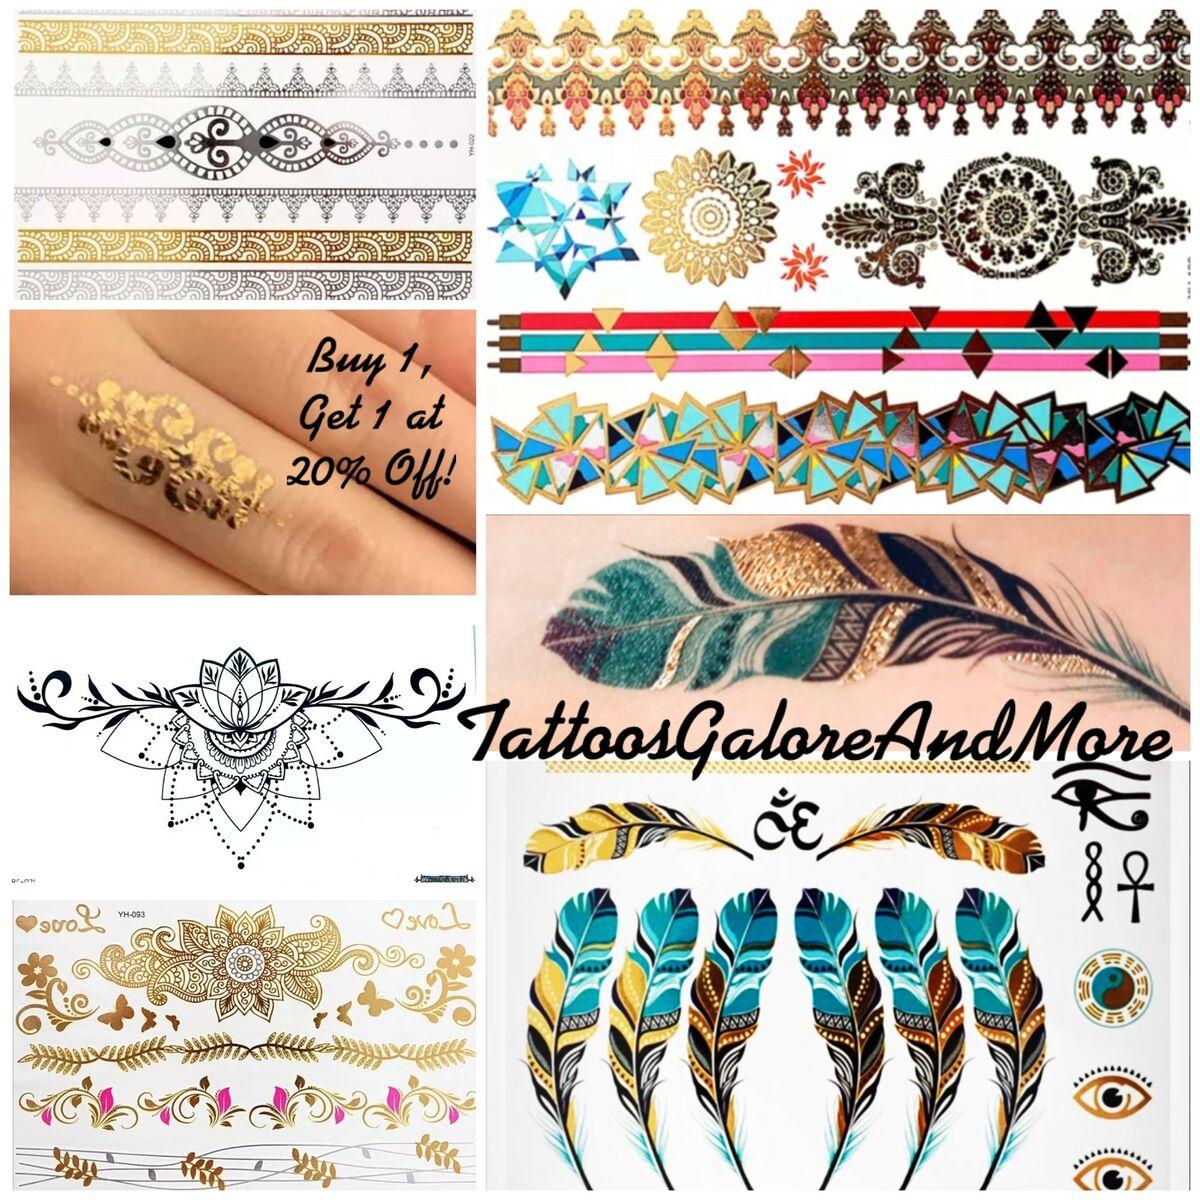 TattoosGalore&More